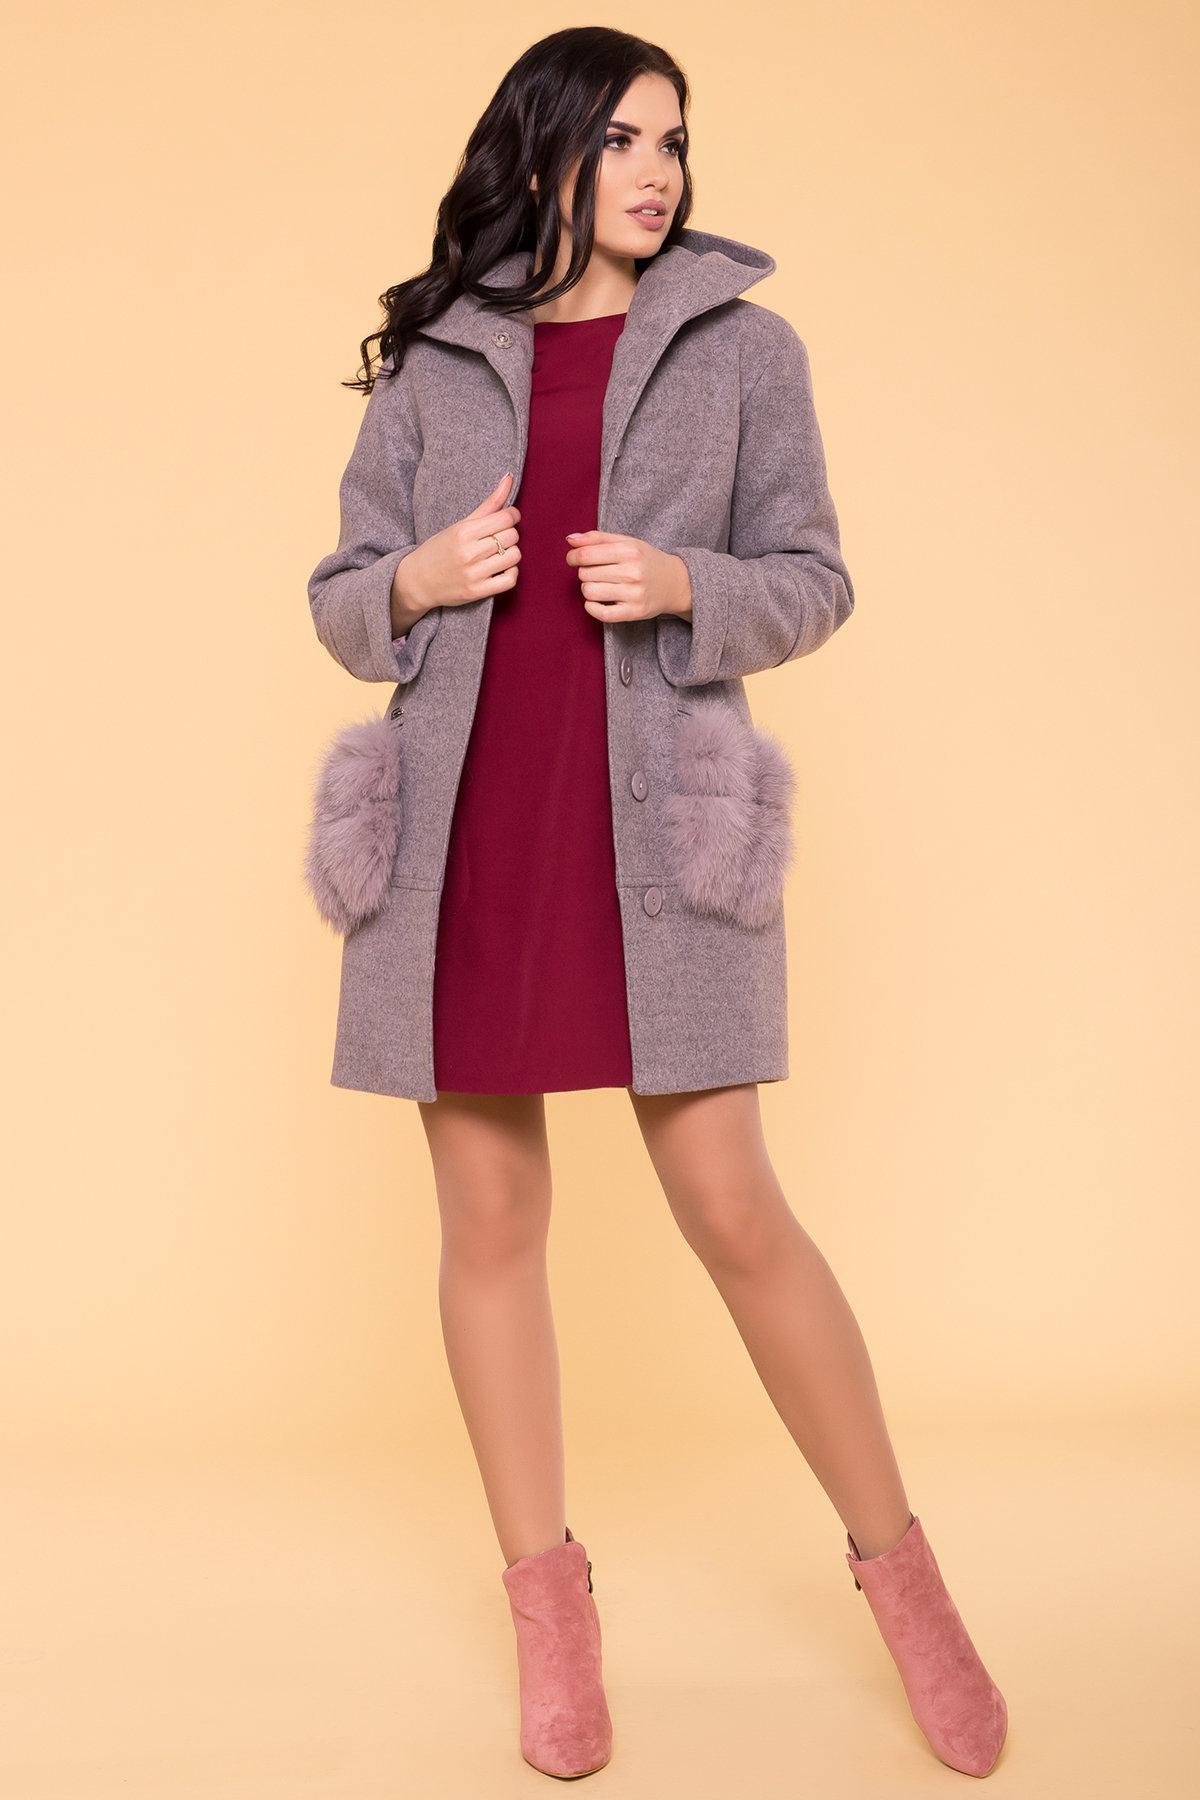 Зимнее пальто с меховыми карманами Анита 3820 АРТ. 40745 Цвет: Серо-розовый 19 - фото 3, интернет магазин tm-modus.ru